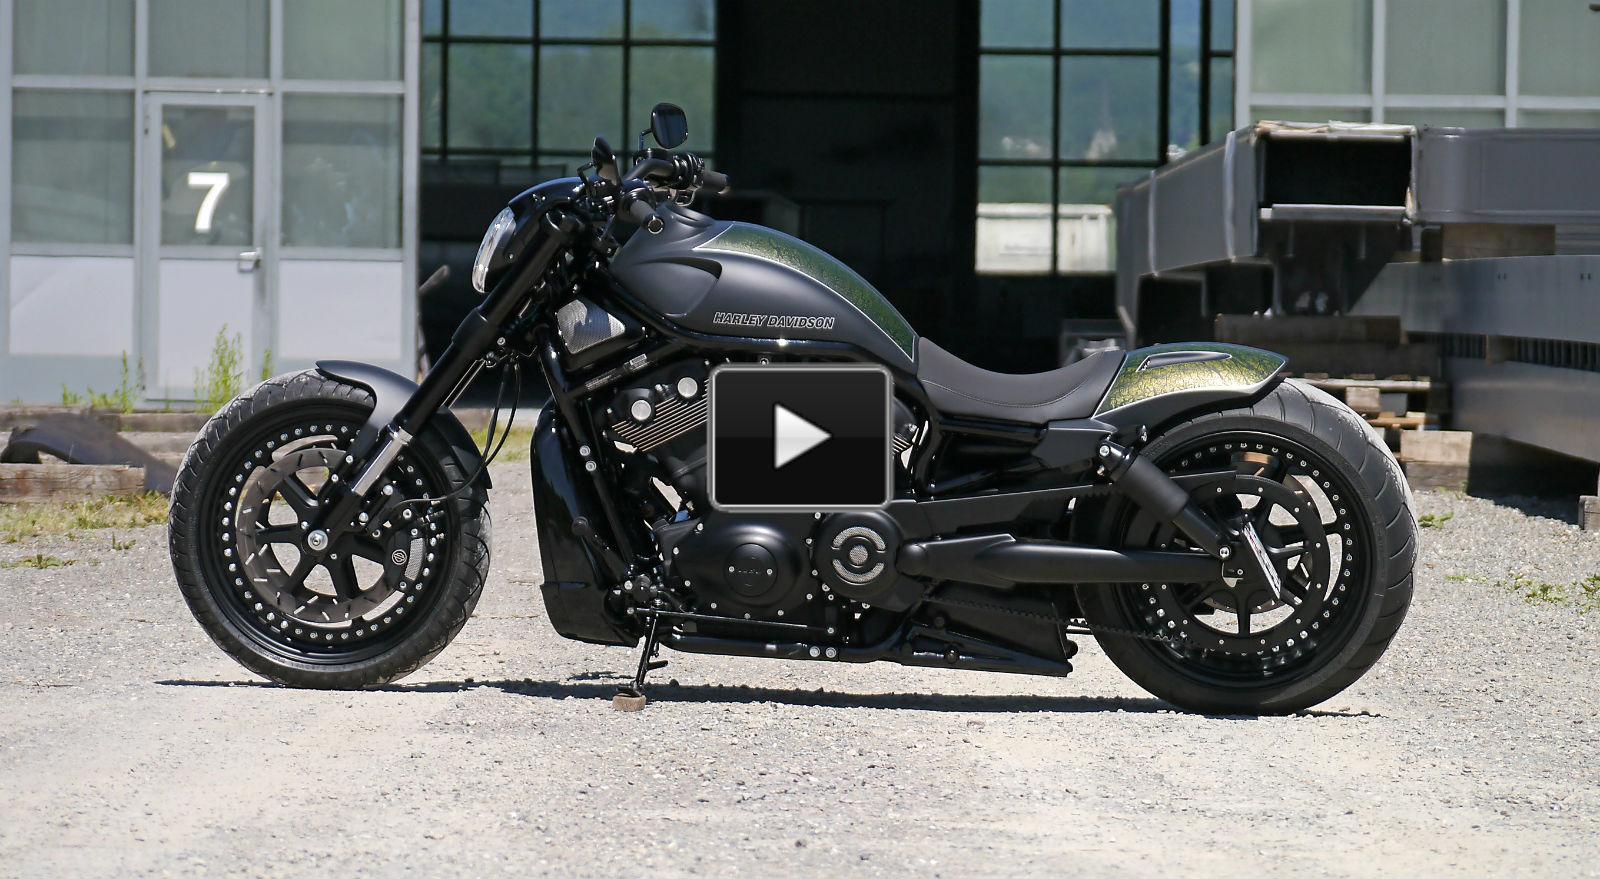 harley davidson v rod custom made by moto91 muscle cars. Black Bedroom Furniture Sets. Home Design Ideas